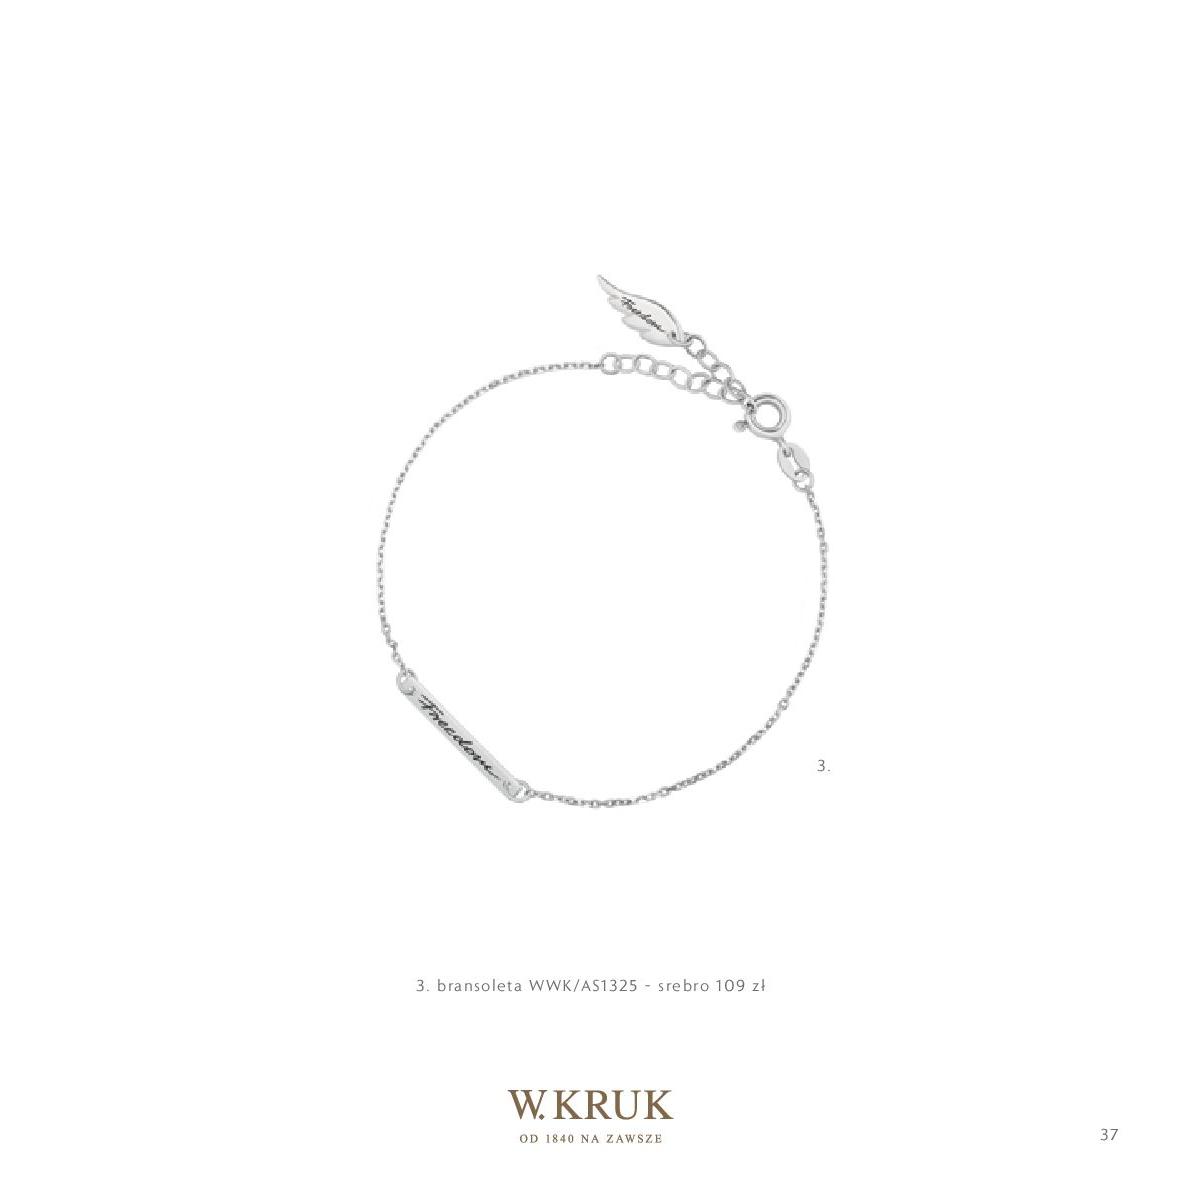 Gazetka W. KRUK: Katalog - Kolekcja Freedom 2021-02-17 page-39